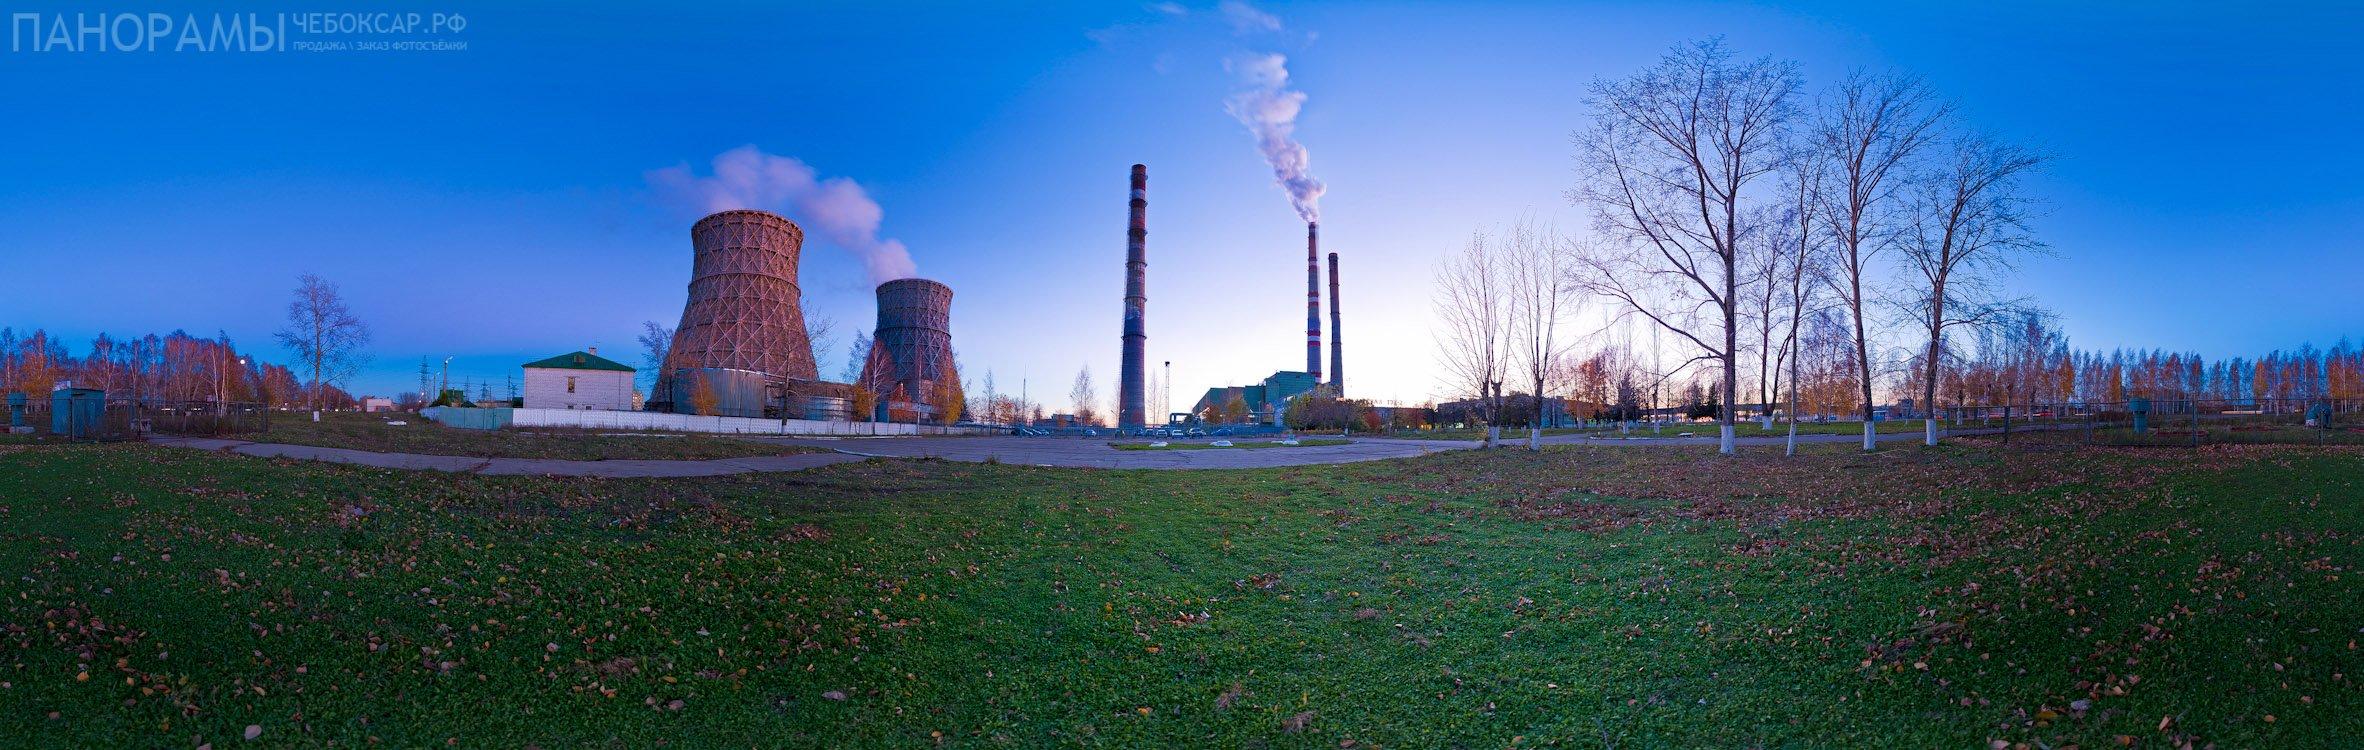 Фото панорама Чебоксарской Тэц-2 на закате (№6)